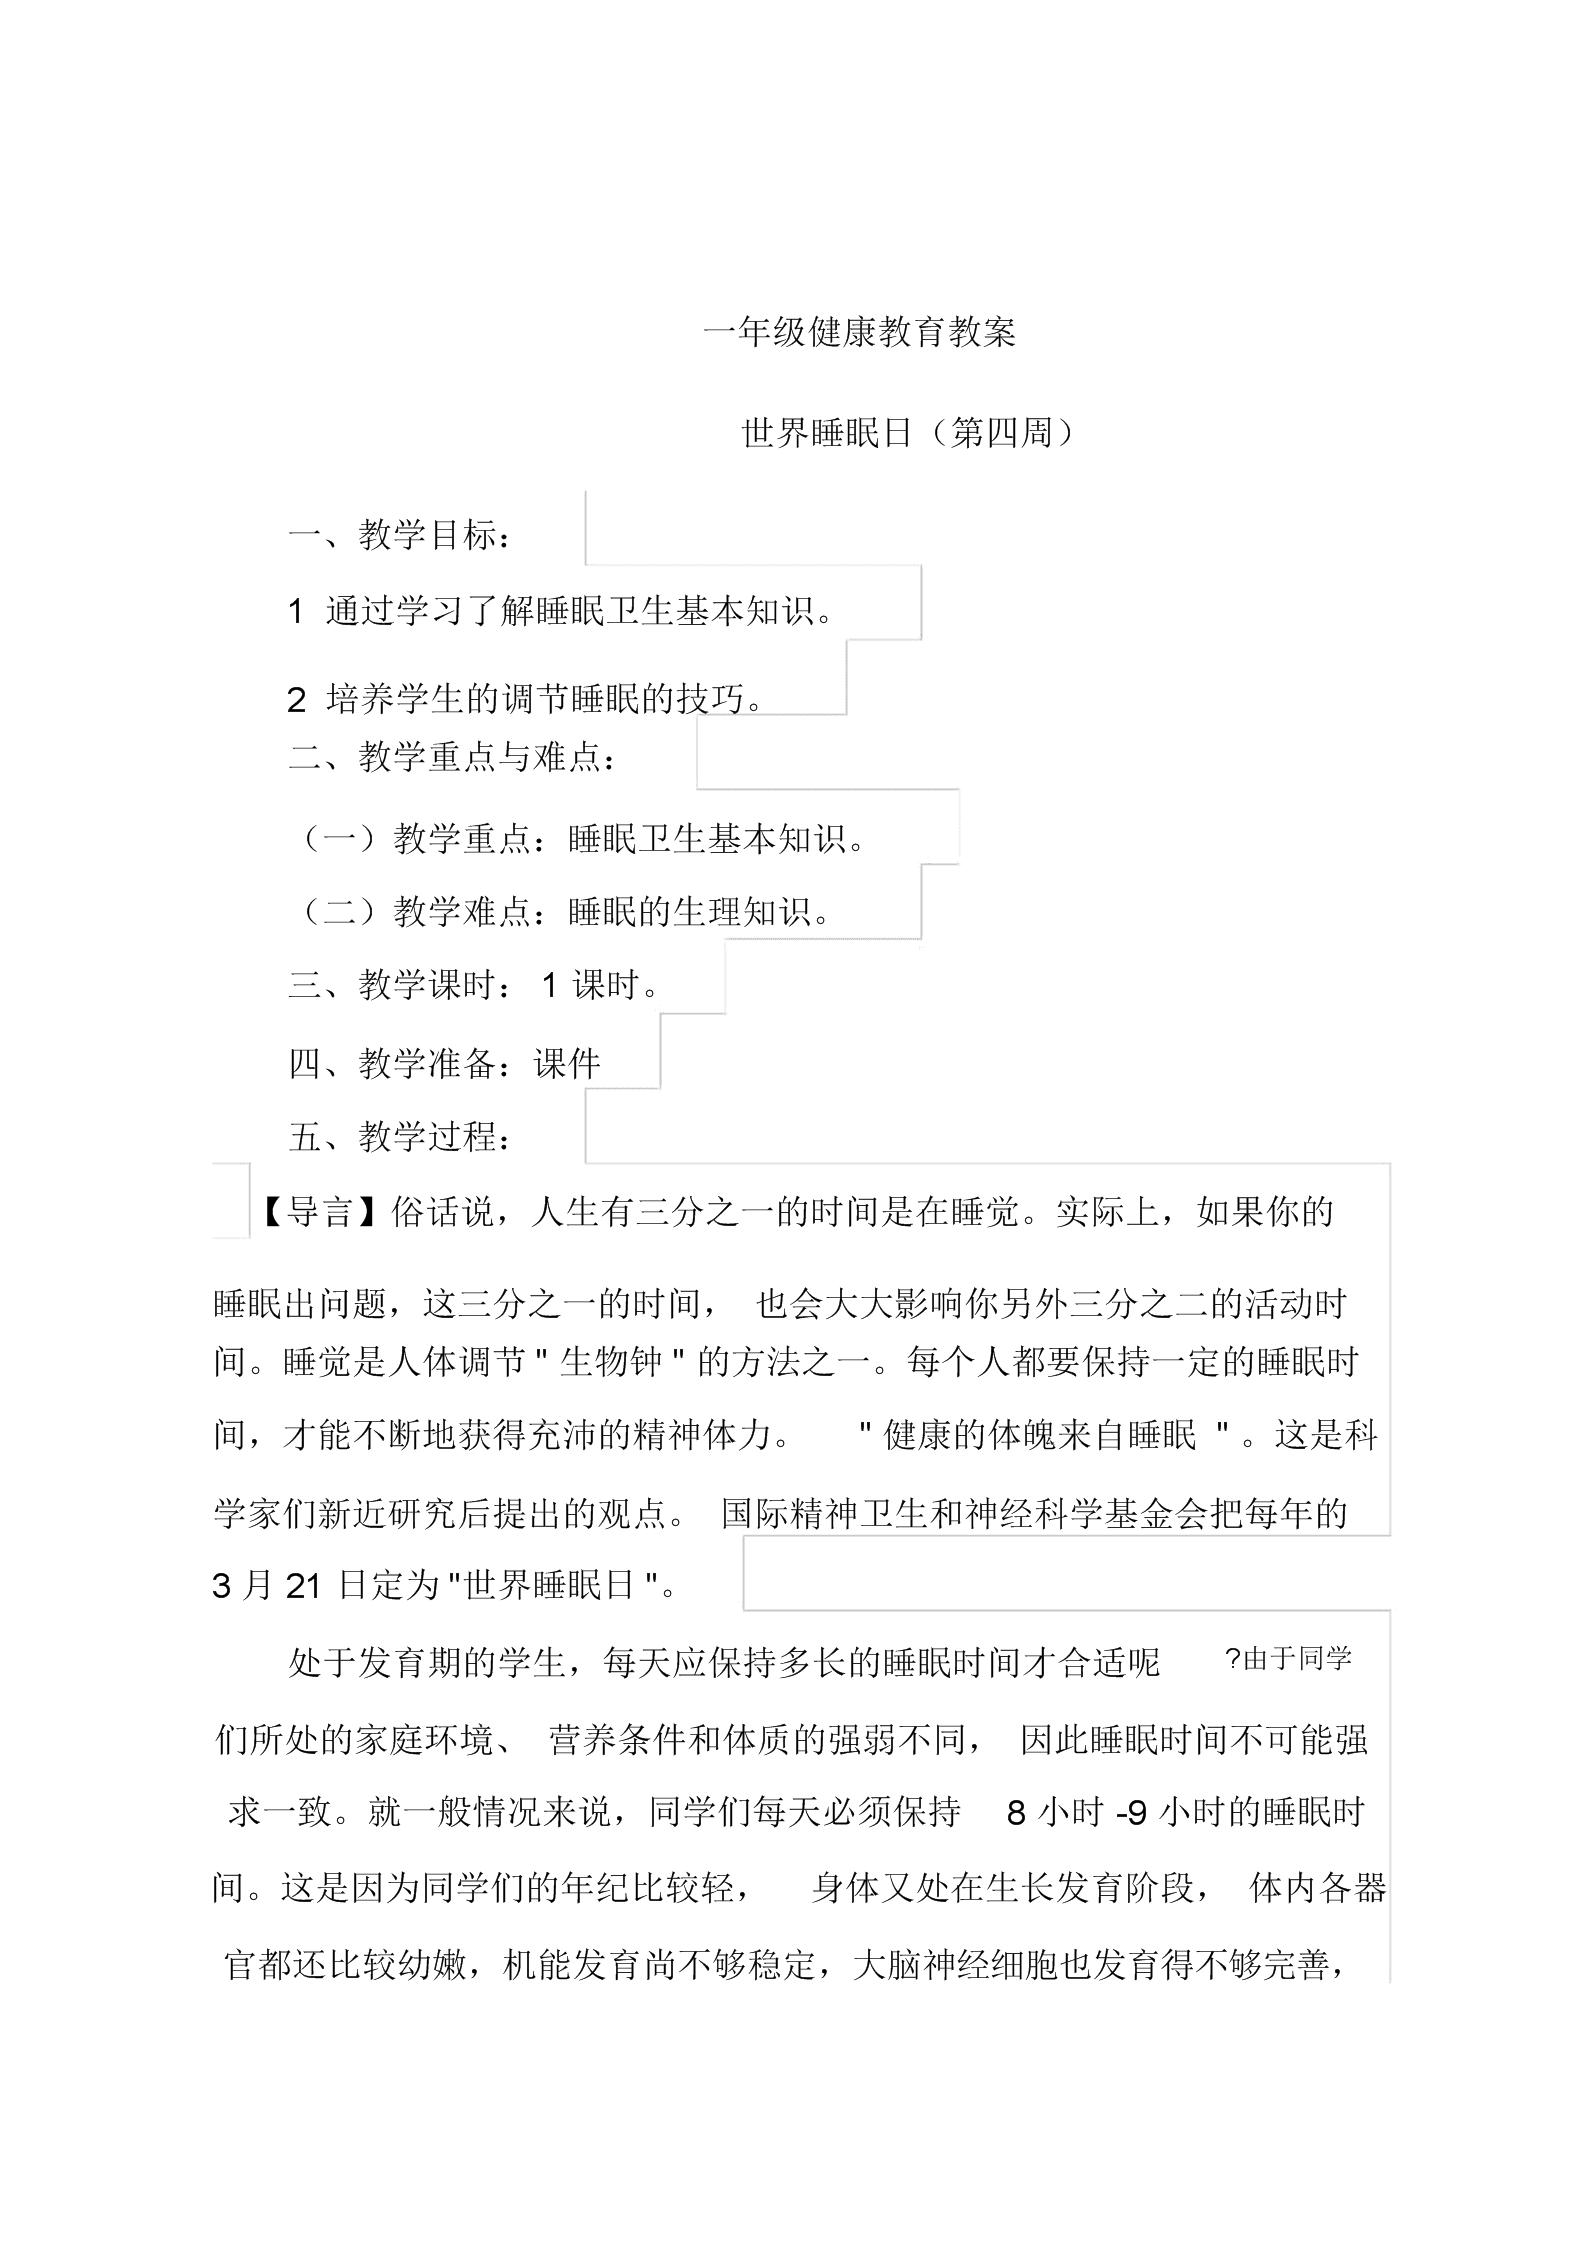 世界睡眠日教案.docx